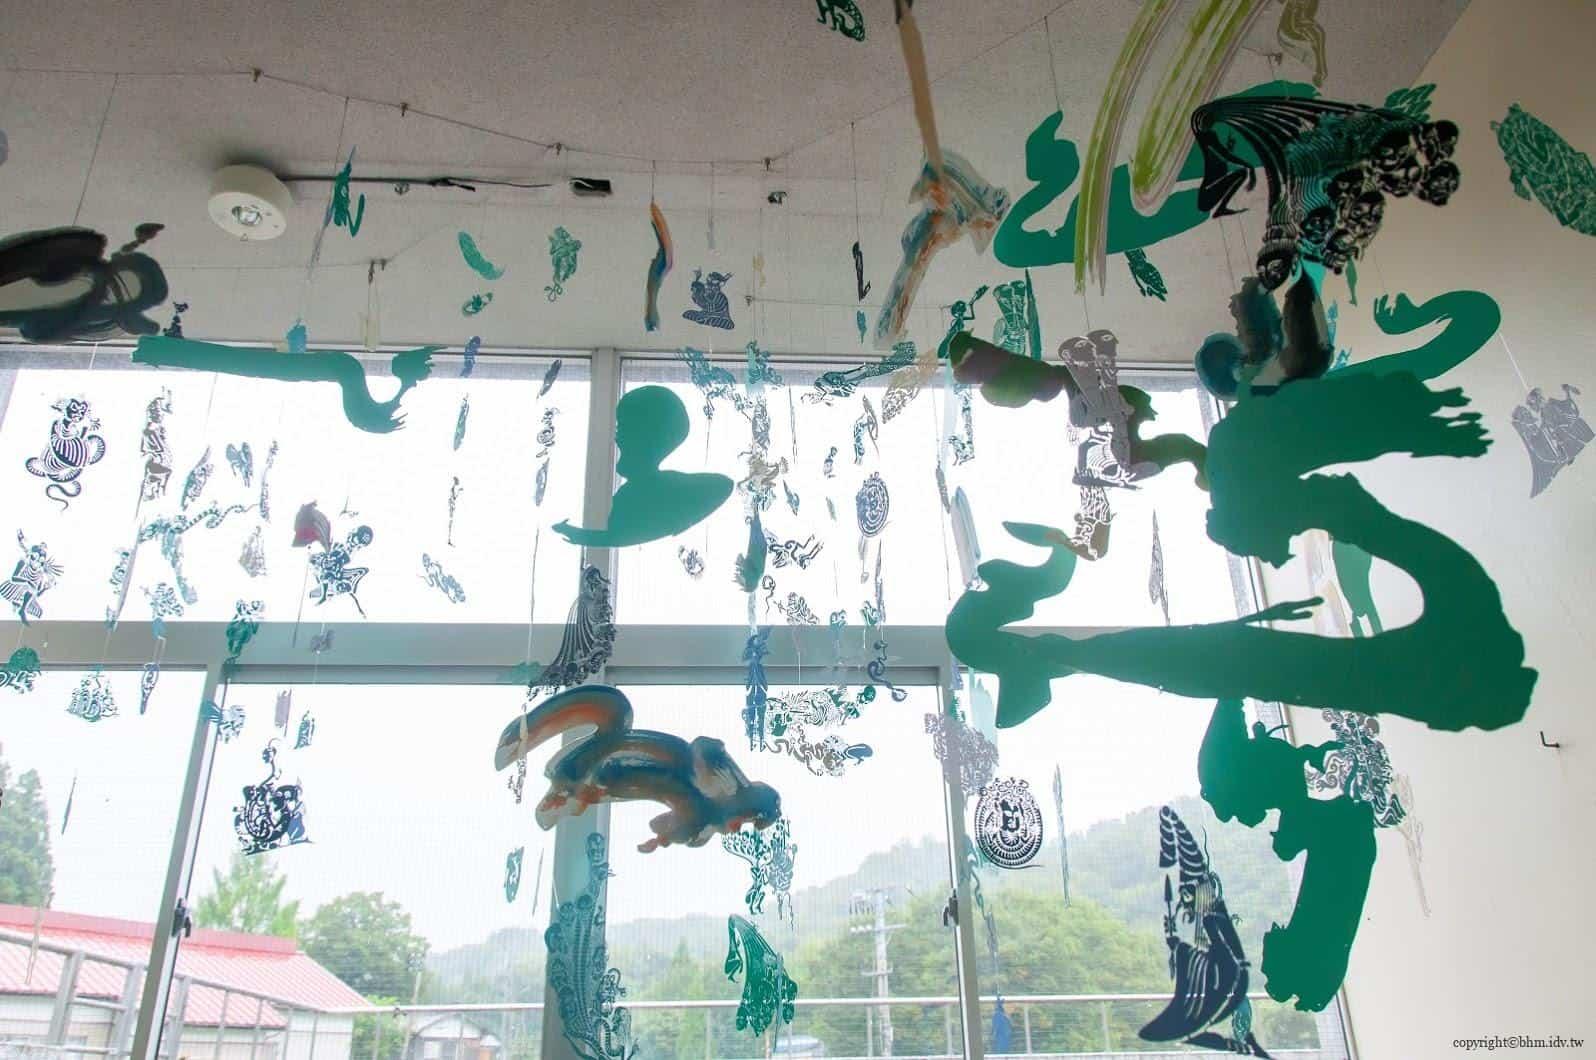 山岸綾-改修設計,奴奈川校園,樓梯間的作品《彩風》-無作品編號,細節有故事是很棒得剪紙藝術 奴奈川校園 奴奈川校園 nunagawa campus 06